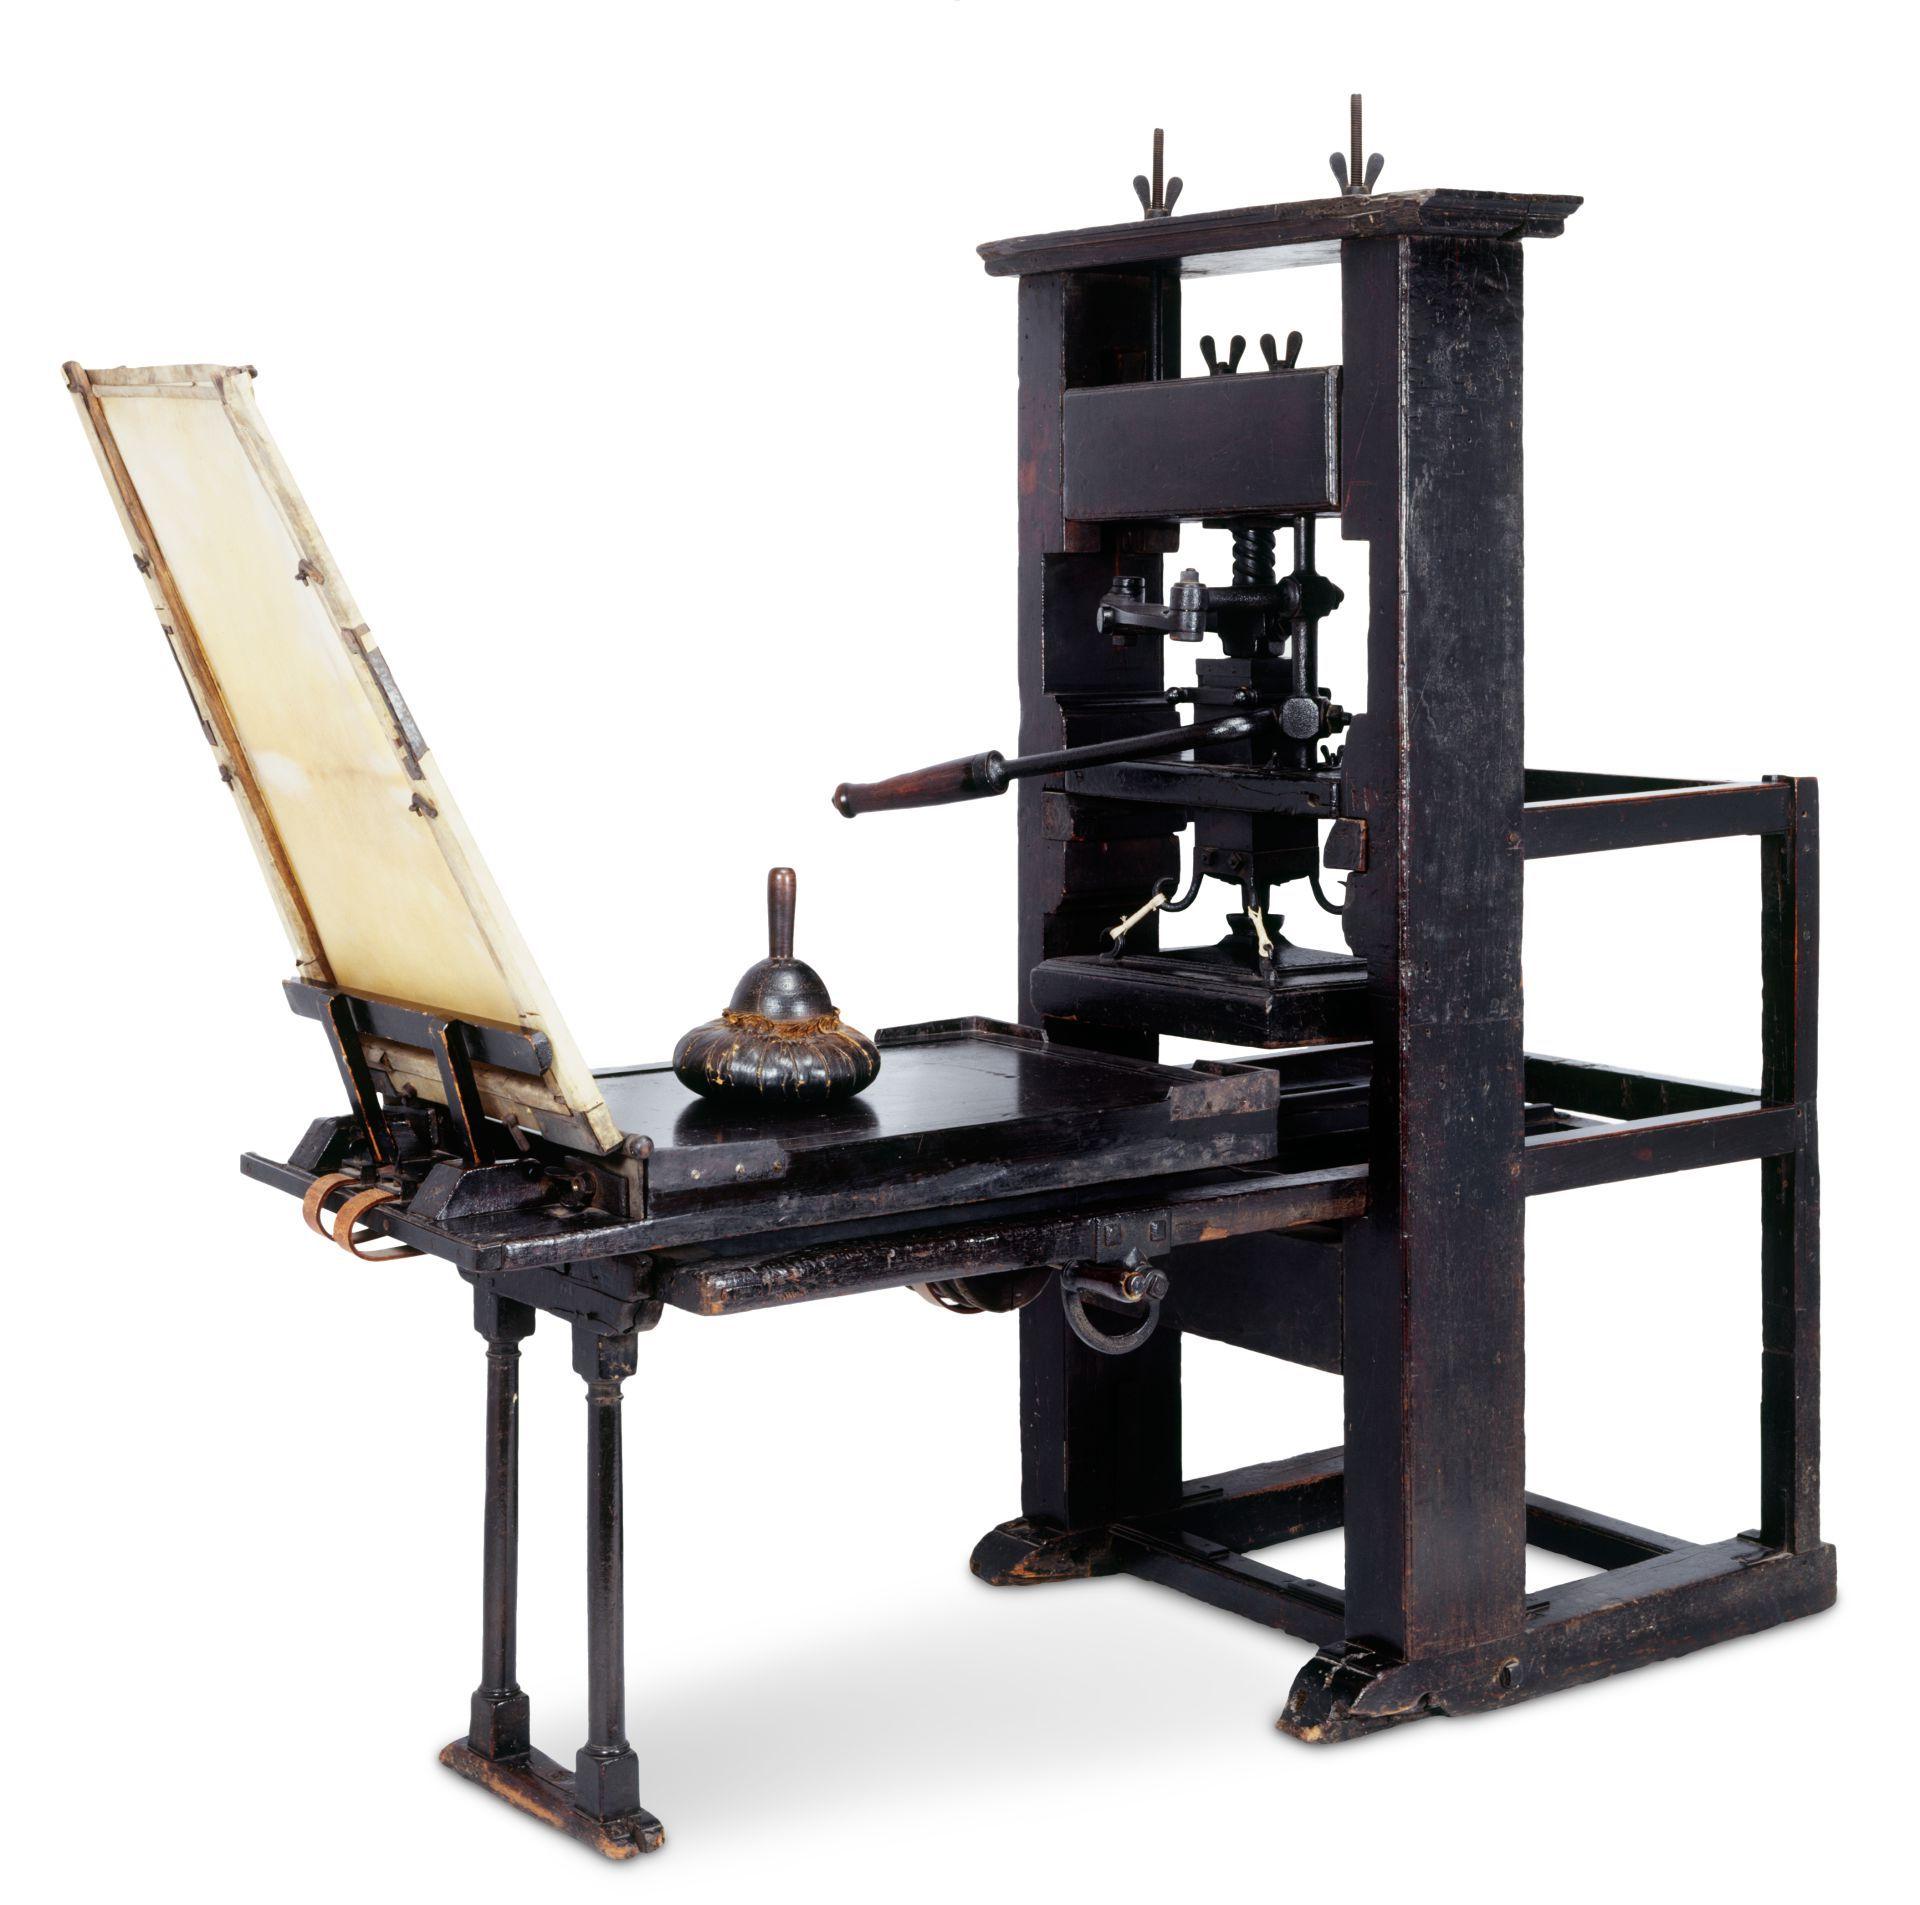 gutenberg-trykpresse